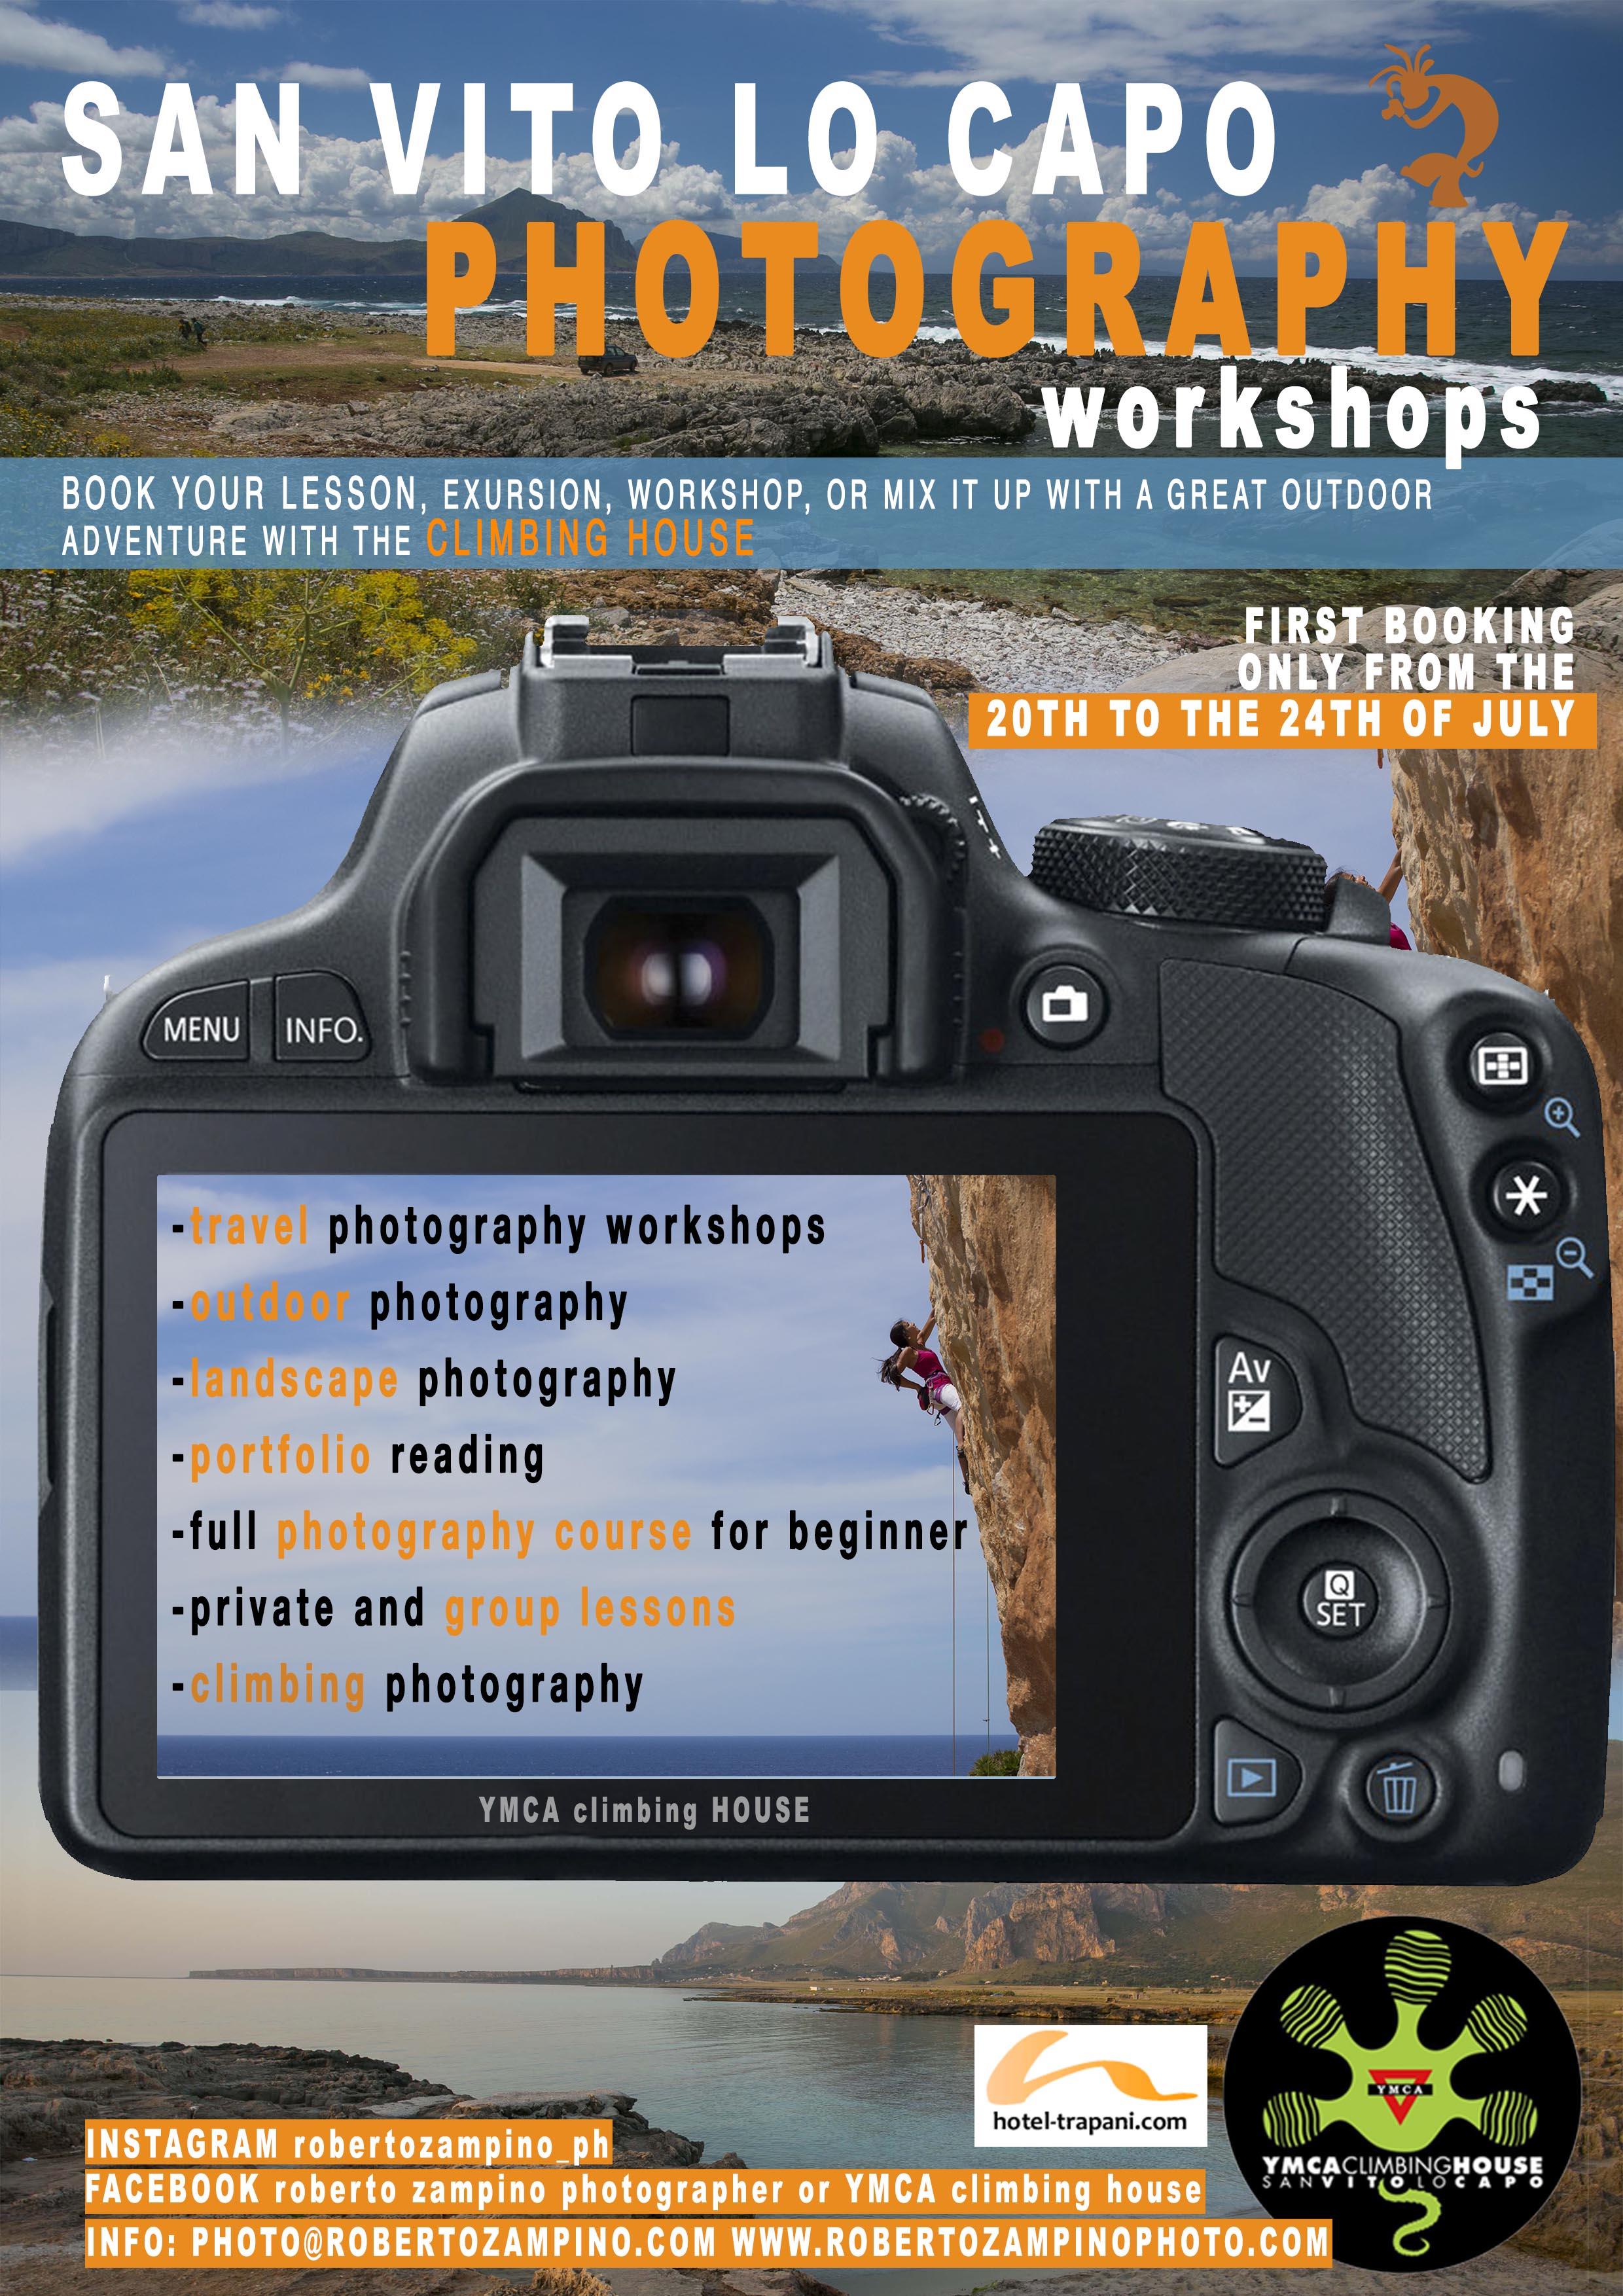 san_vito_lo_capo_photography_workshops_fotografia_travel_explore_outdoor_lessons_roberto_zampino